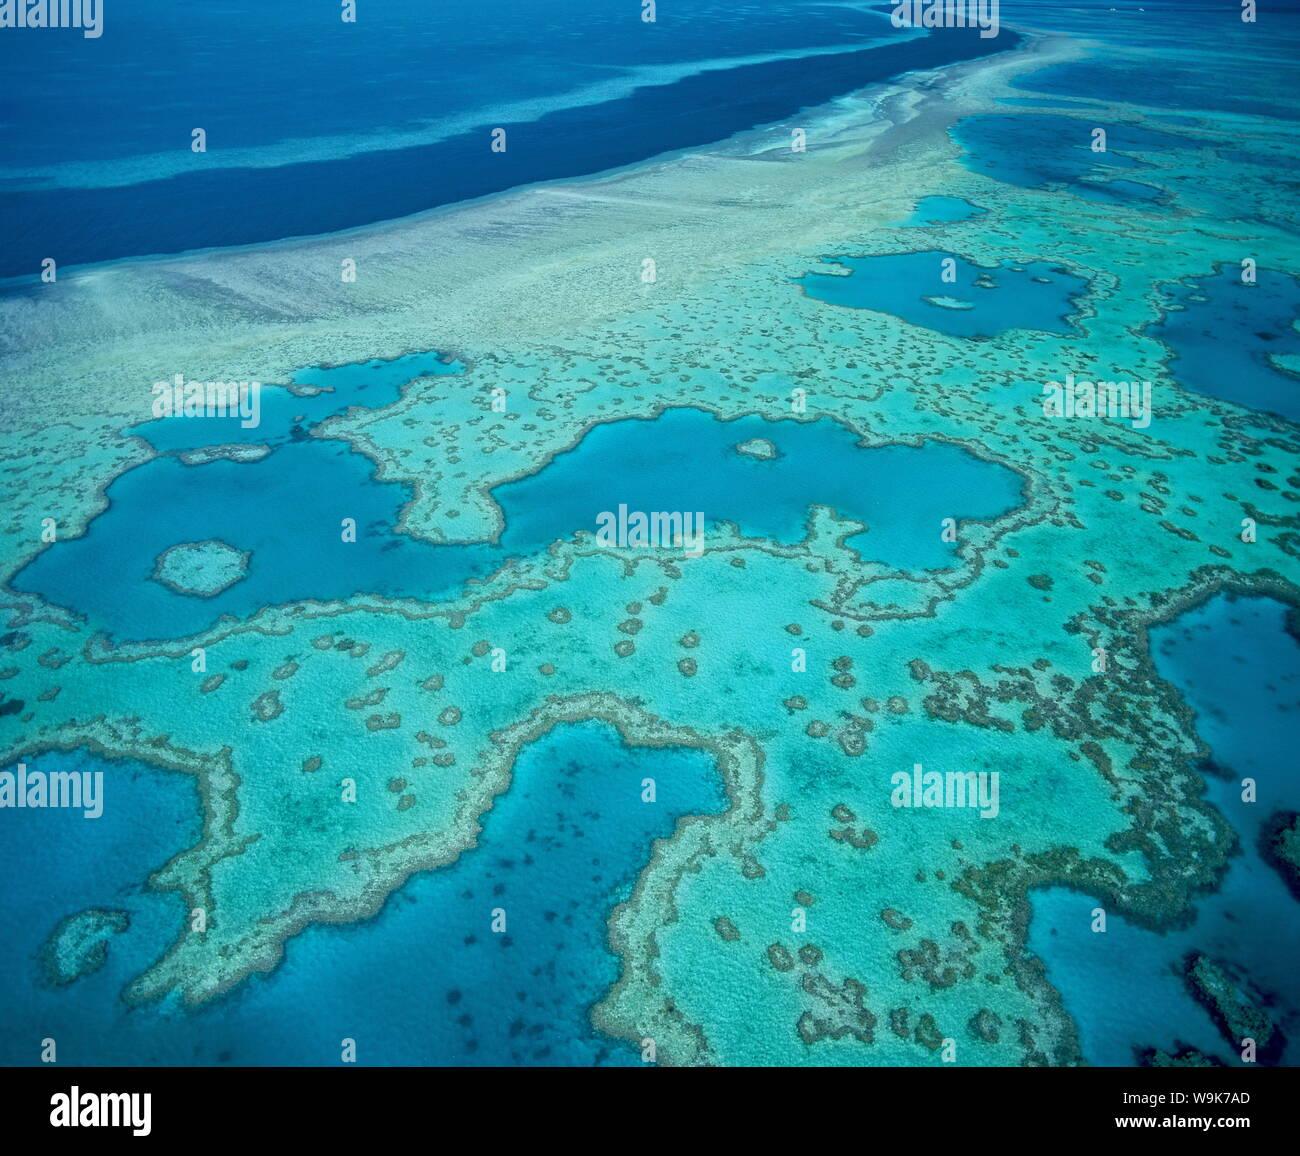 Grande Barrière de Corail, site du patrimoine mondial de l'UNESCO, Queensland, Australie, Pacifique Banque D'Images